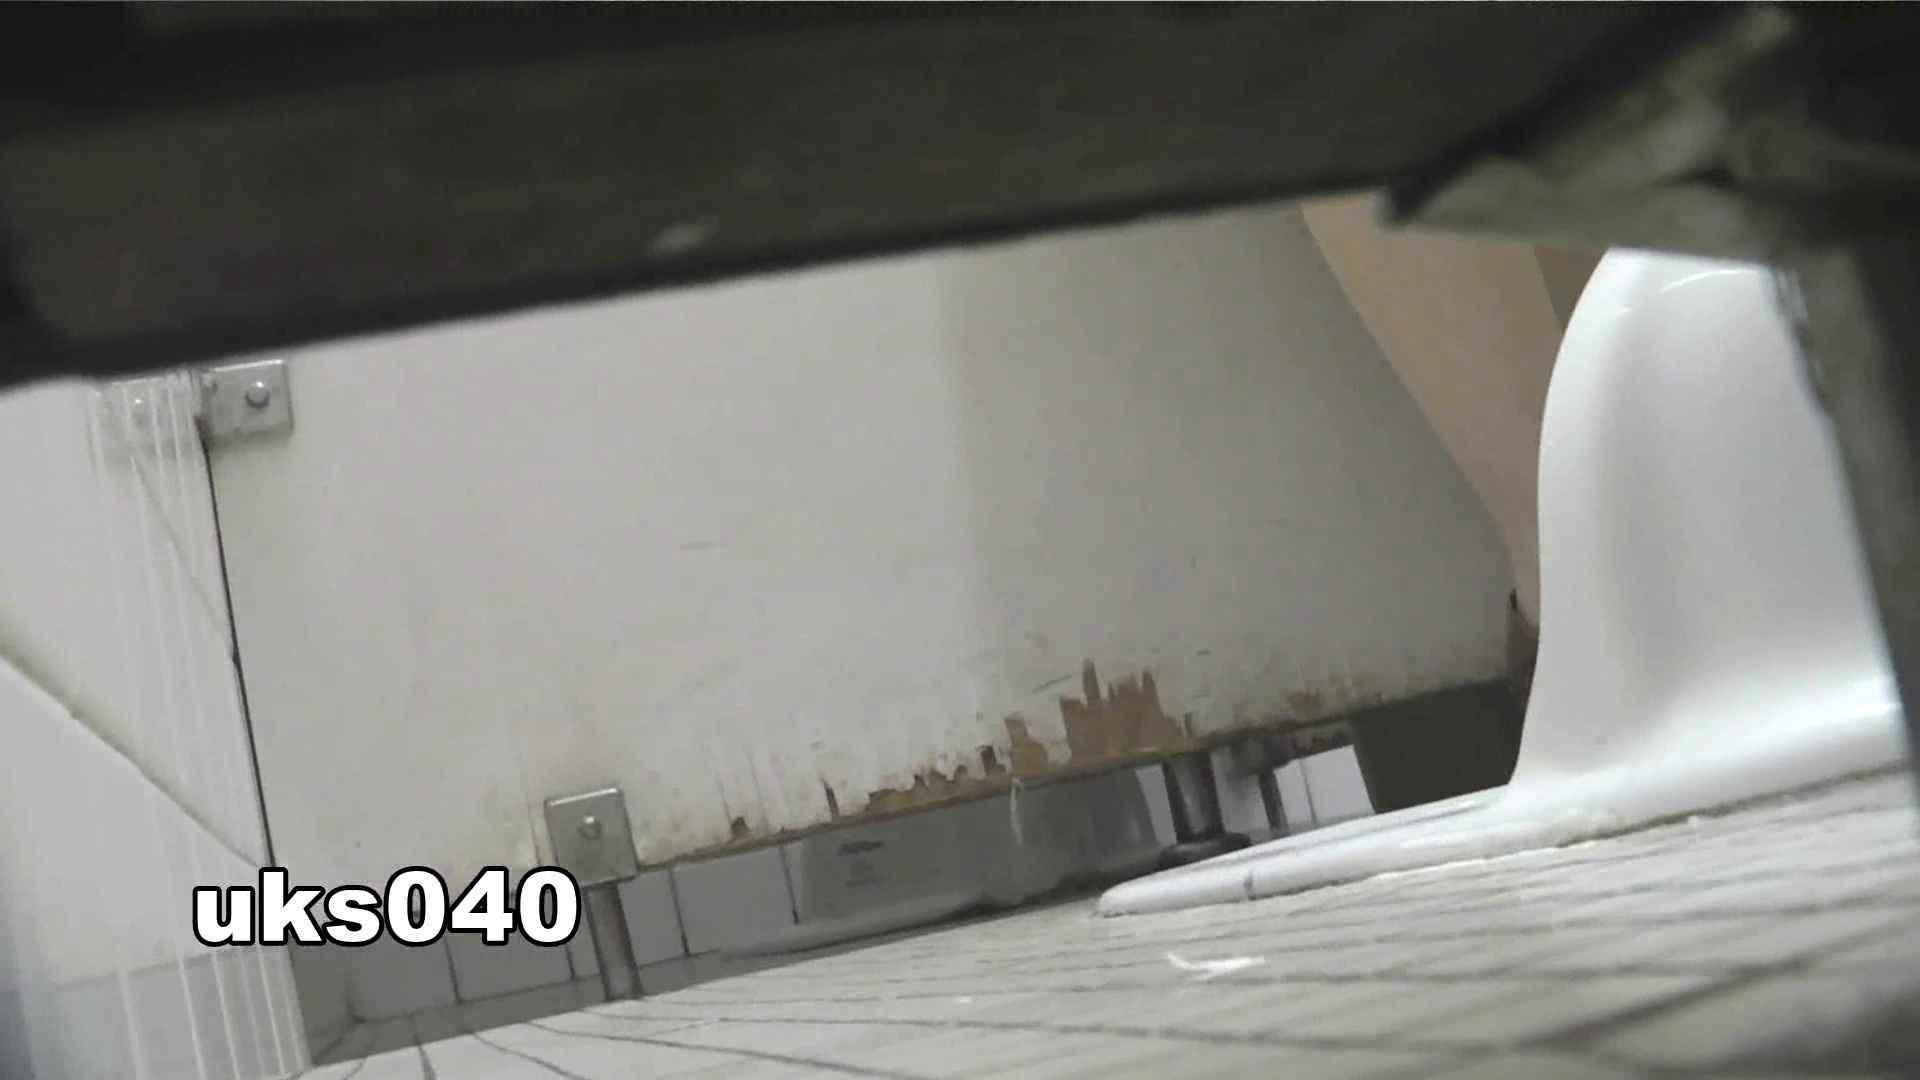 【美しき個室な世界】 vol.040 出て行かれる時の清楚姿撮り 高画質  88PIX 12